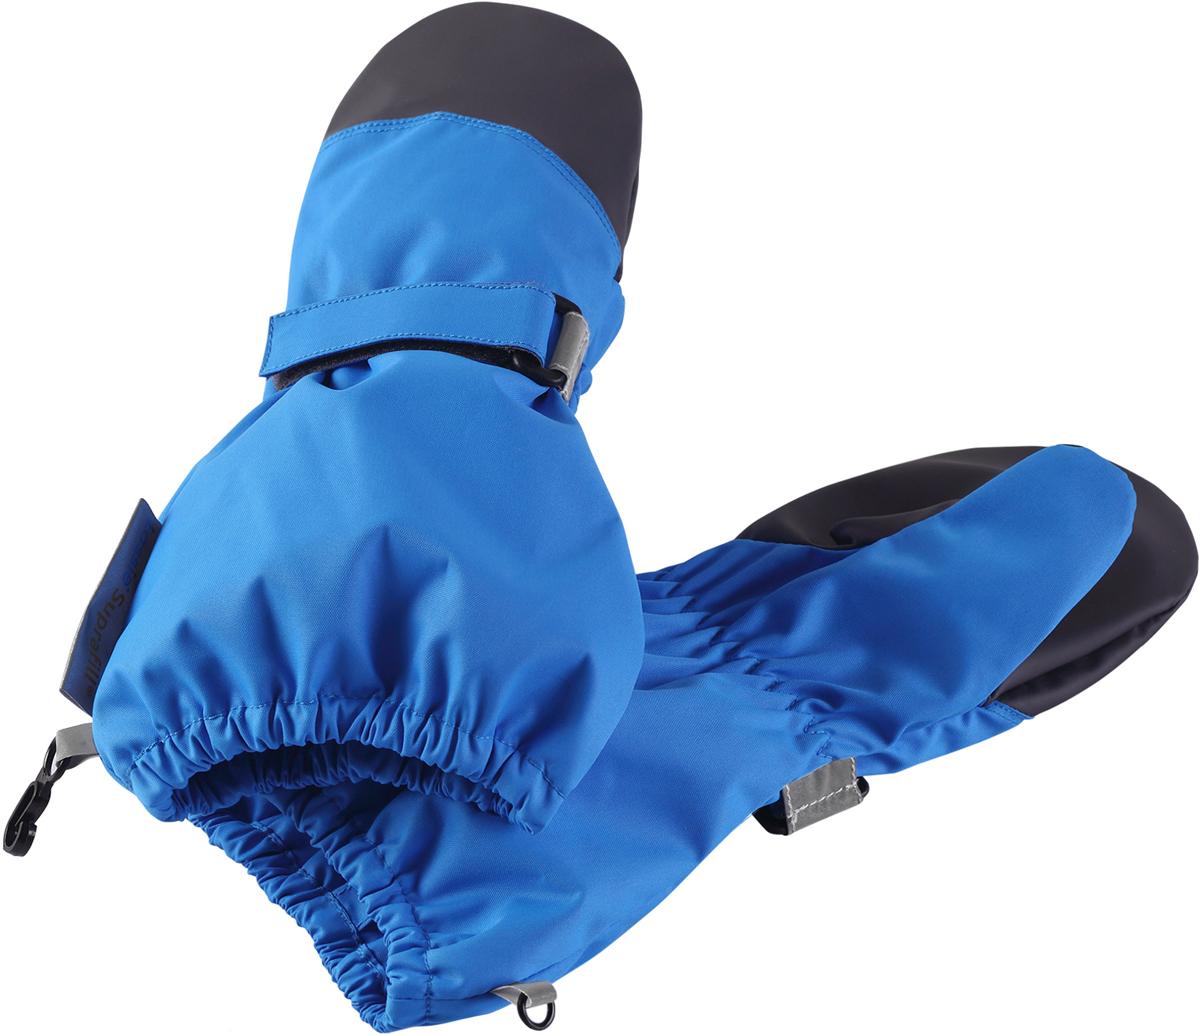 Варежки детские Lassie, цвет: синий. 7277236610. Размер 27277236610Варежки Lassietec изготовлены из очень прочного, водонепроницаемого, ветронепроницаемого и дышащего материала. Варежки снабжены водонепроницаемой мембраной, которая обеспечит вашему ребенку долгие и сухие прогулки на свежем воздухе. Трикотажная подкладка из полиэстера с начесом очень мягкая и приятная на ощупь. Усиления на ладони и большом пальце не пропускают влагу и обеспечивают хороший захват.